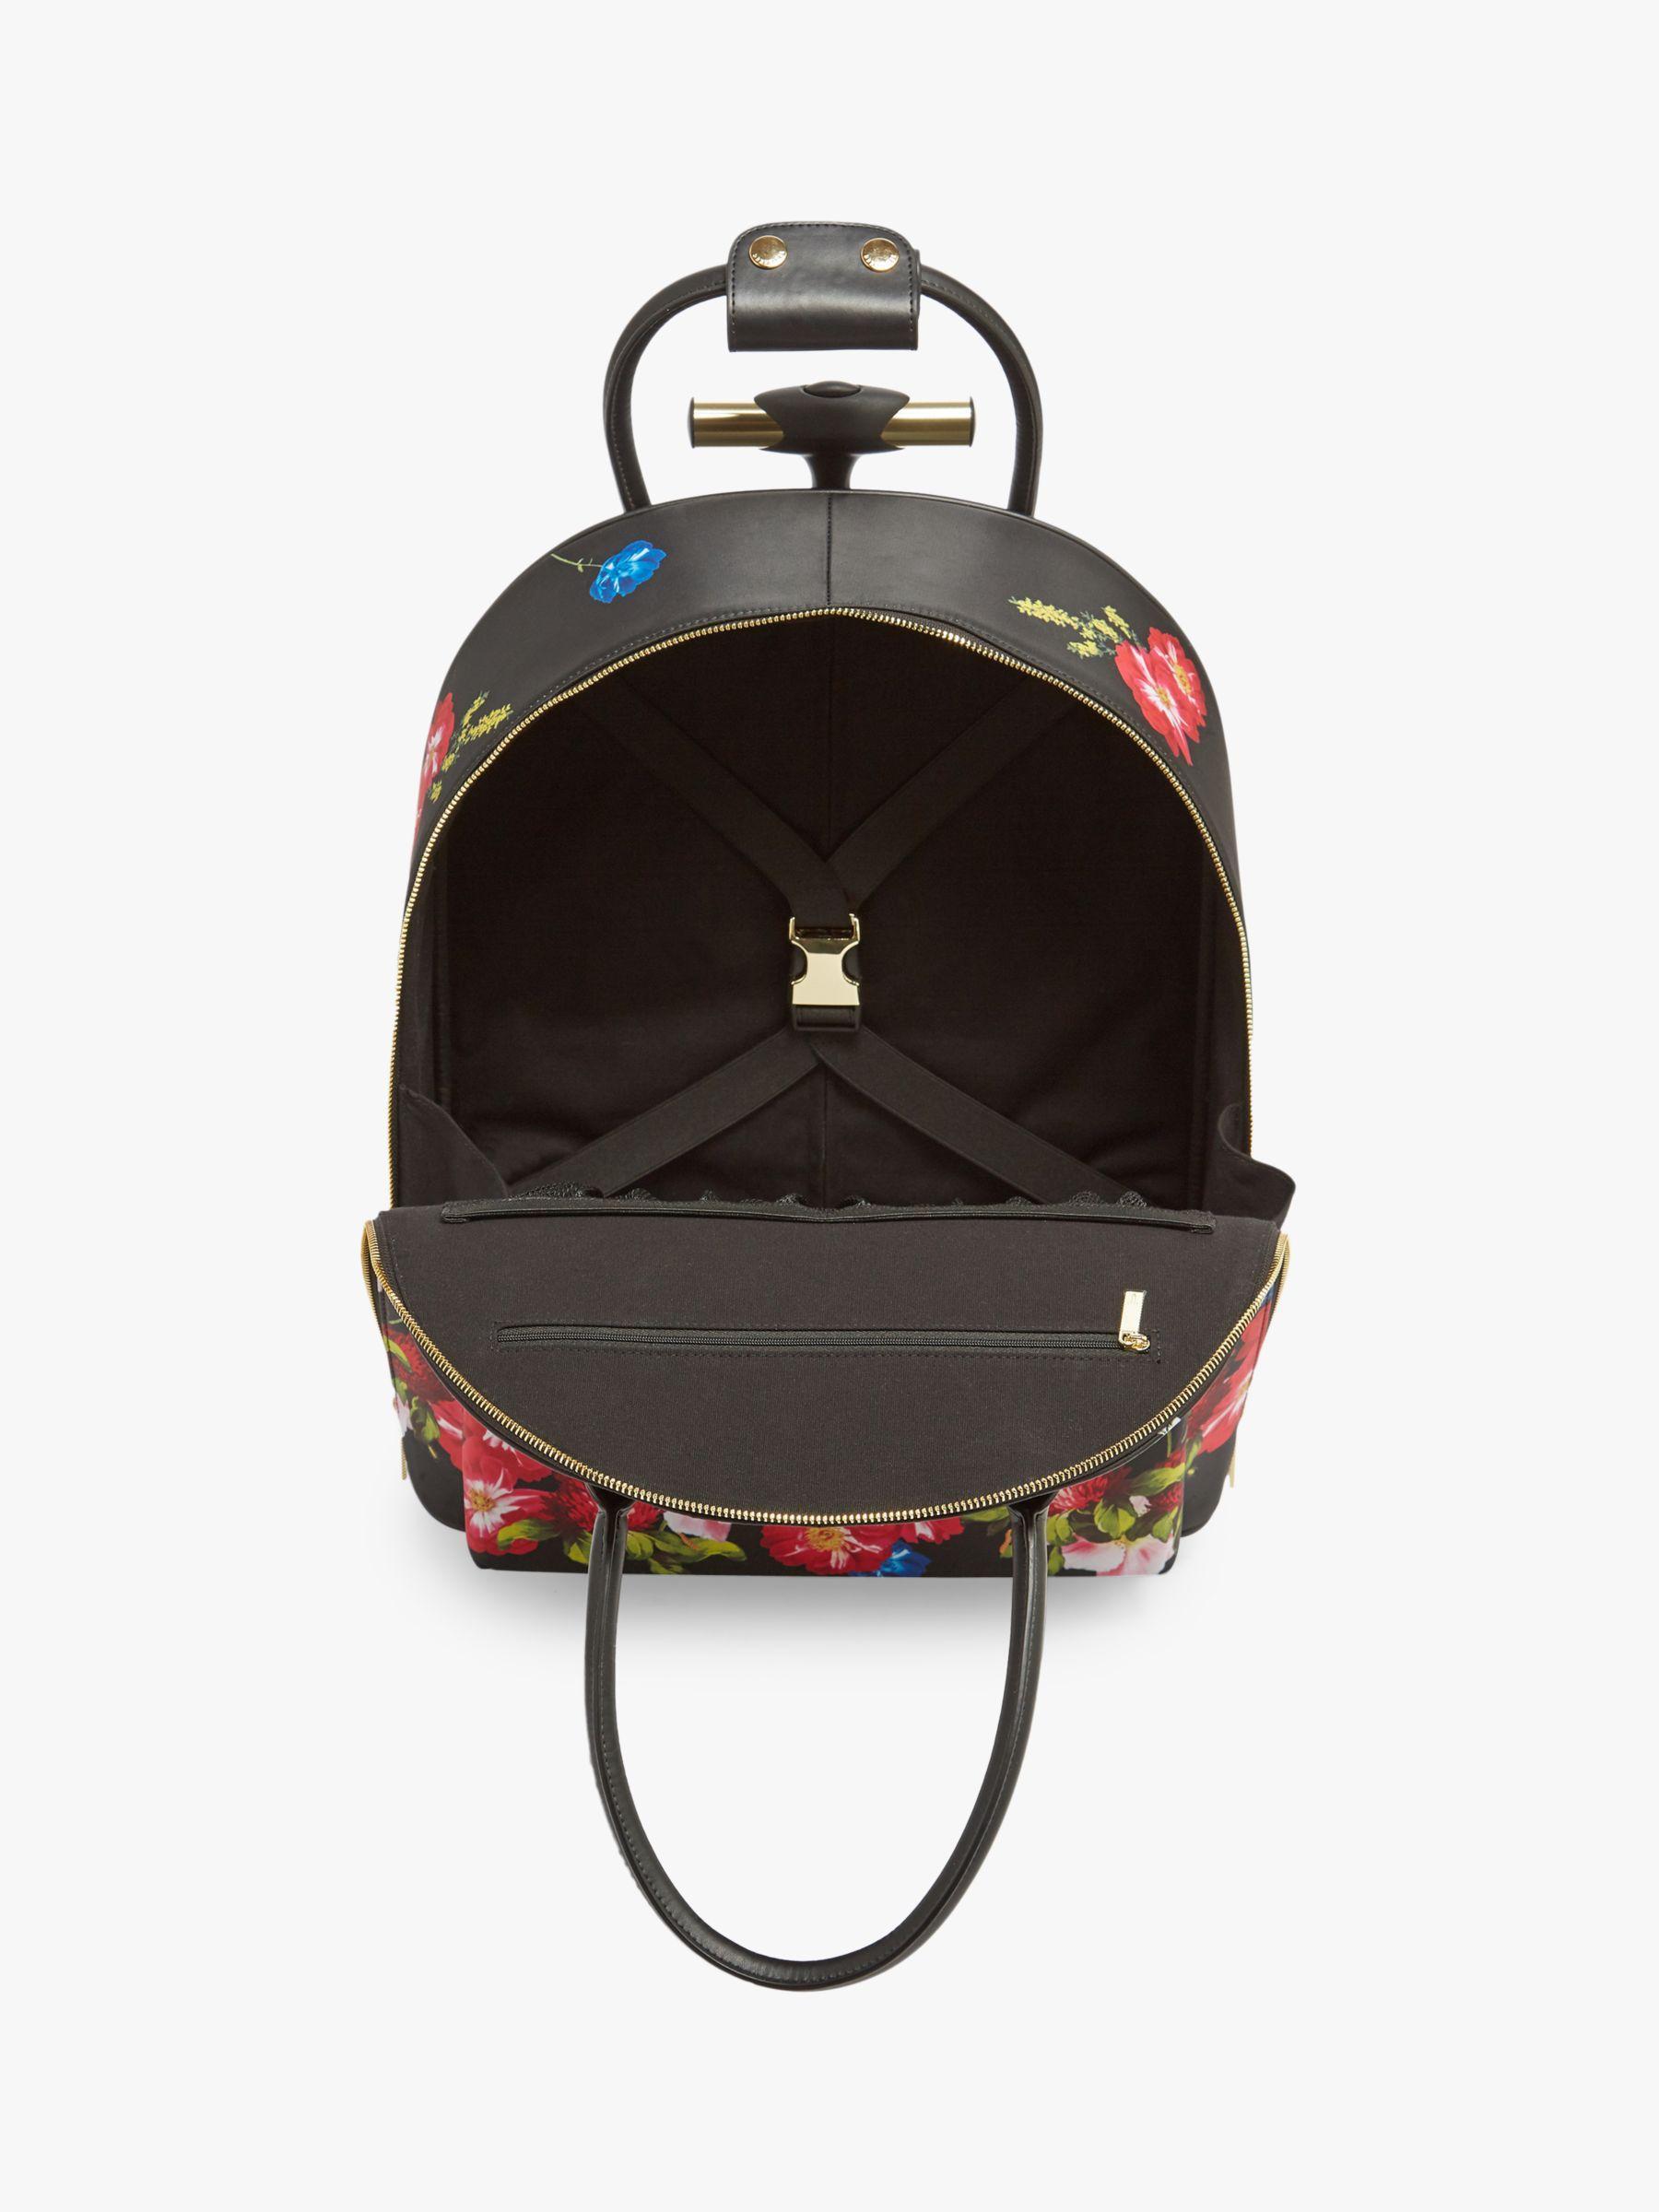 62c4d9f7e5e1 Ted Baker Regaan Berry Sundae Travel Bag in Black - Lyst